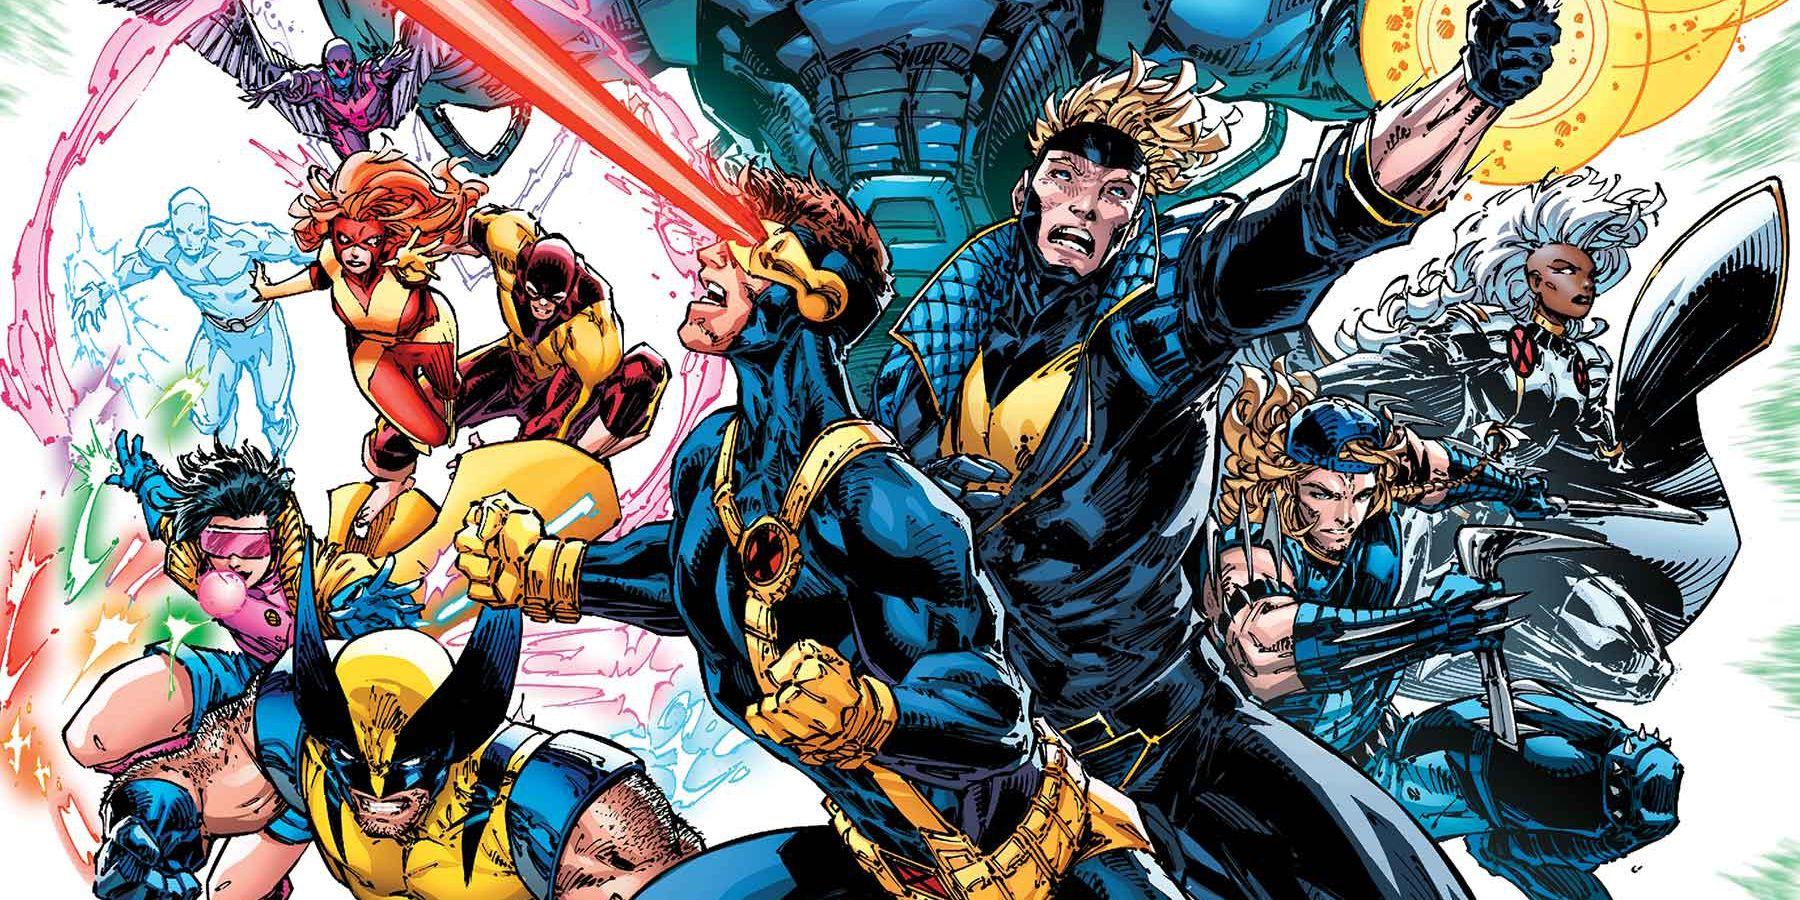 X-Men: O irmão Havok de Cyclopsda Marvel está finalmente prestes a ter seu momento 1